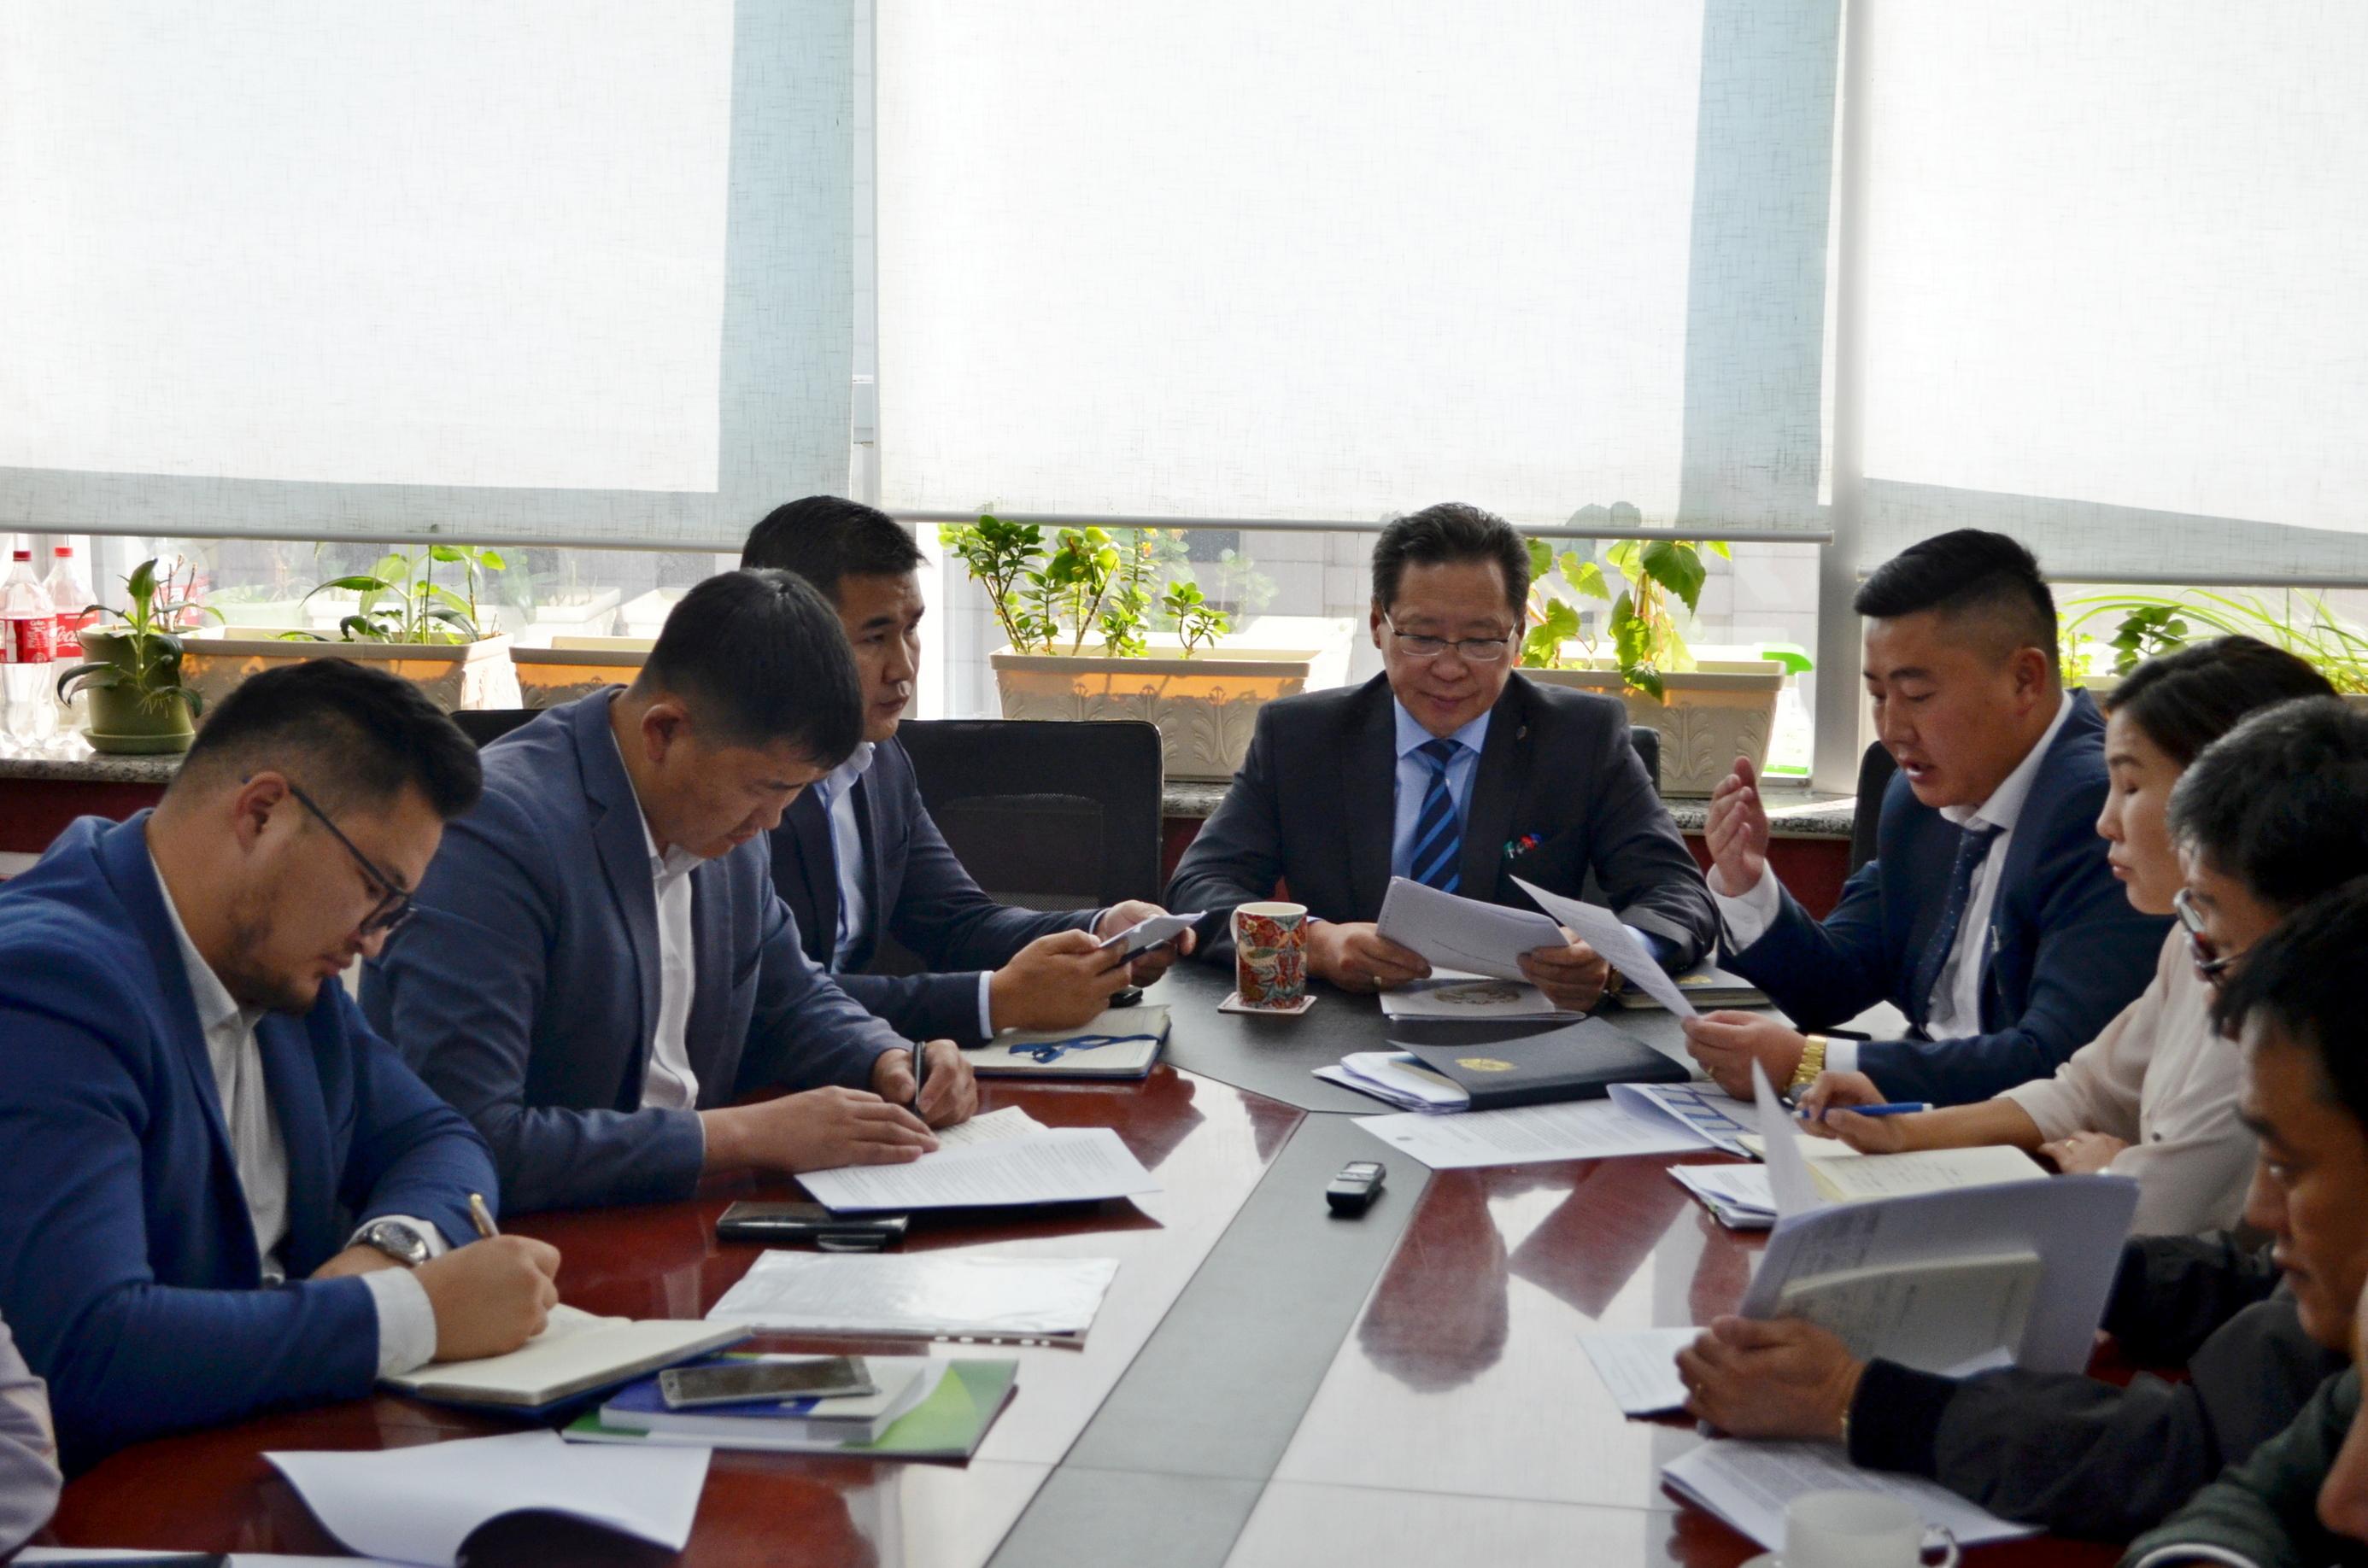 Улаанбаатар хотын төвлөрсөн дулаан хангамжийн хүрээнд тусгай зөвшөөрөлгүйгээр үйл ажиллагаа эрхэлж буй компаниудад шалгалт хийнэ